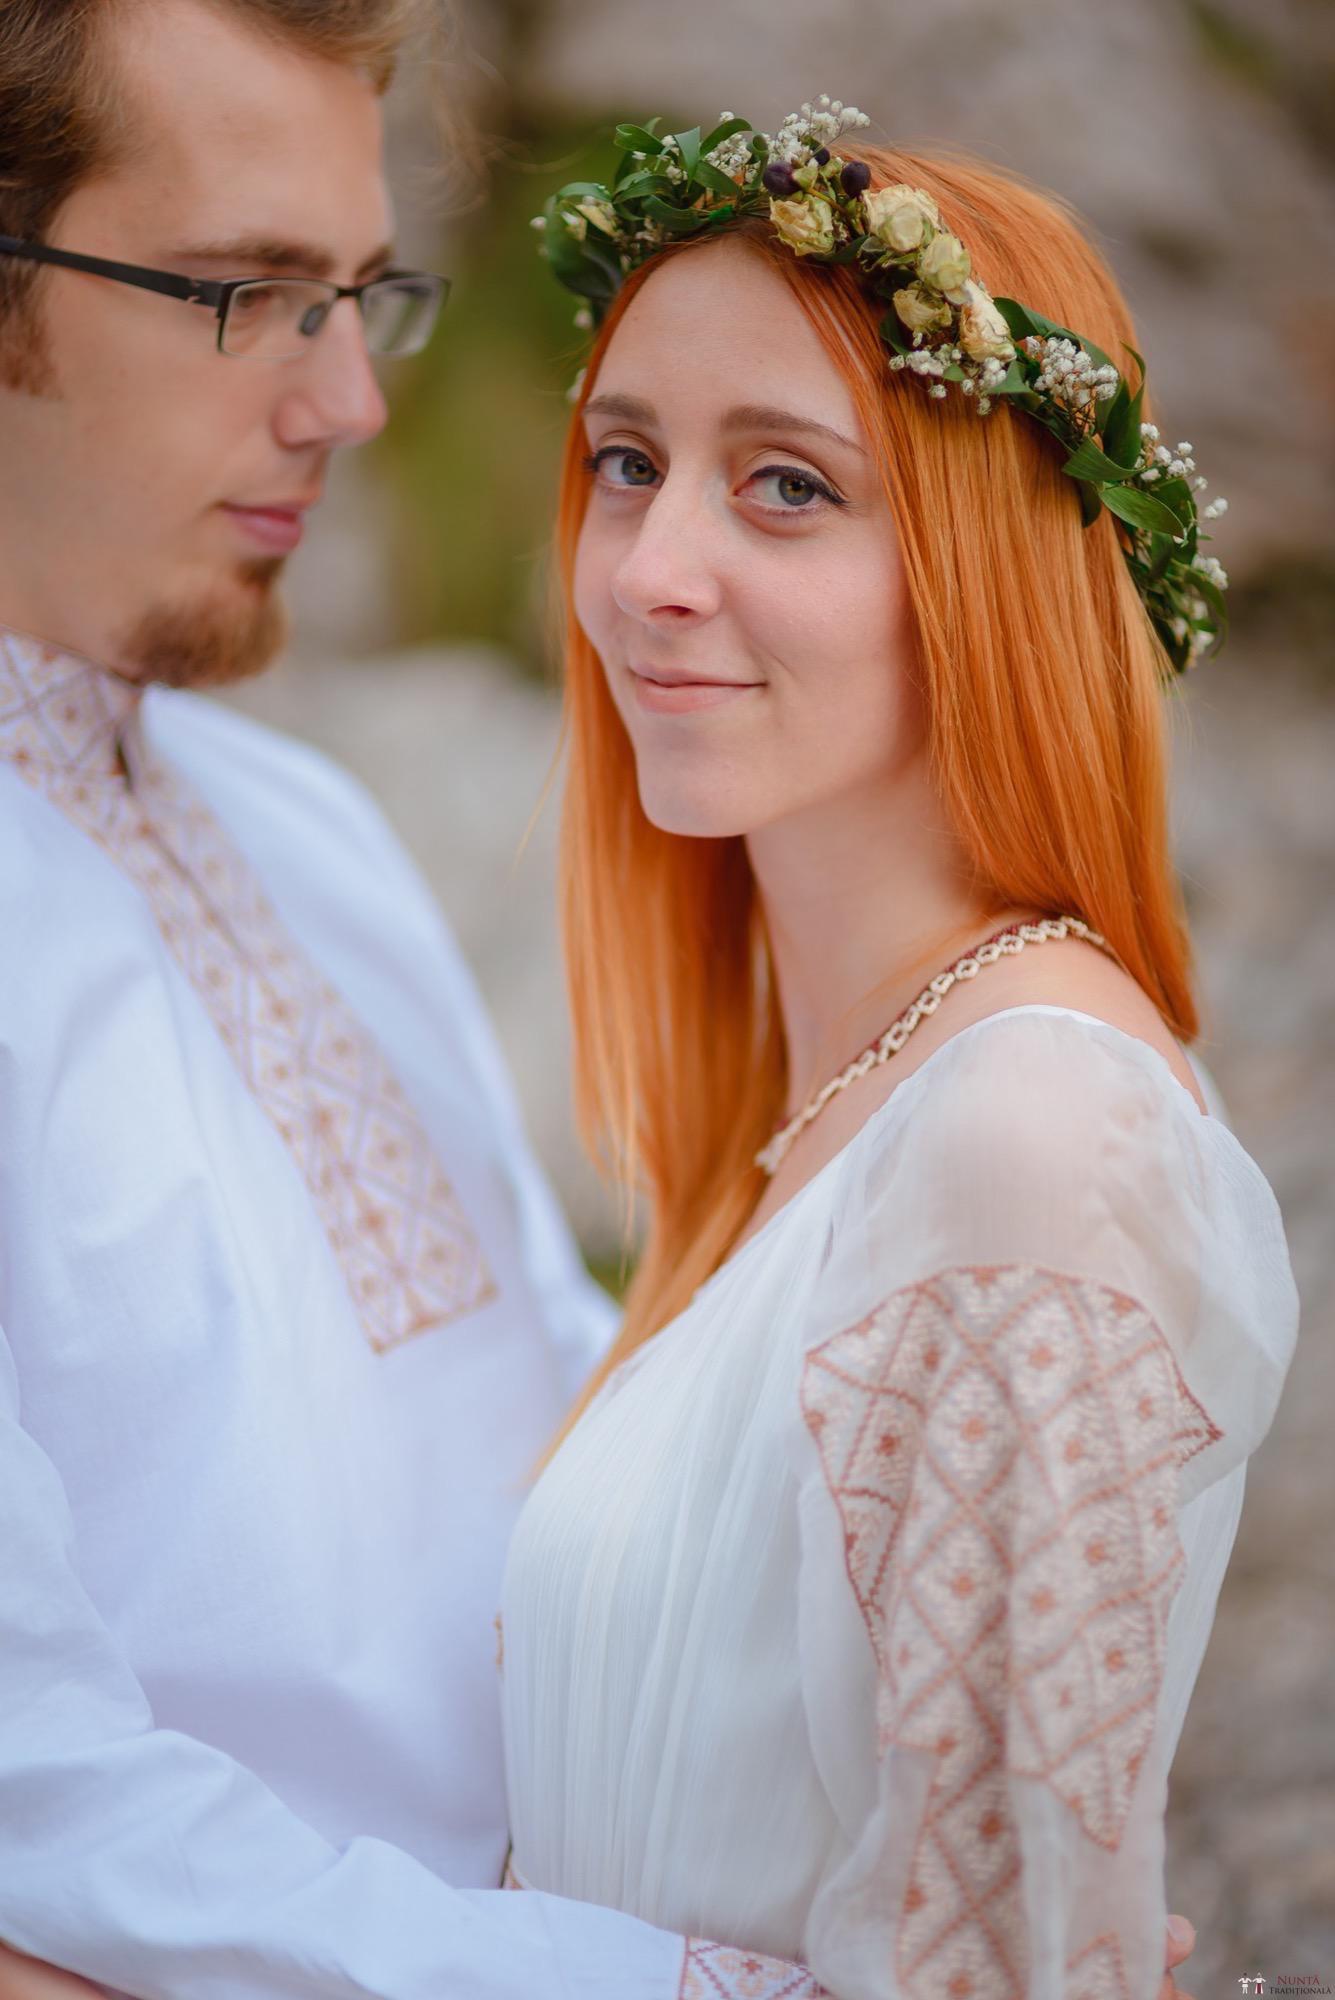 Povești Nunți Tradiționale - Aurelian și Sonia. Nuntă tradițională în Câmpulung Moldovenesc 25